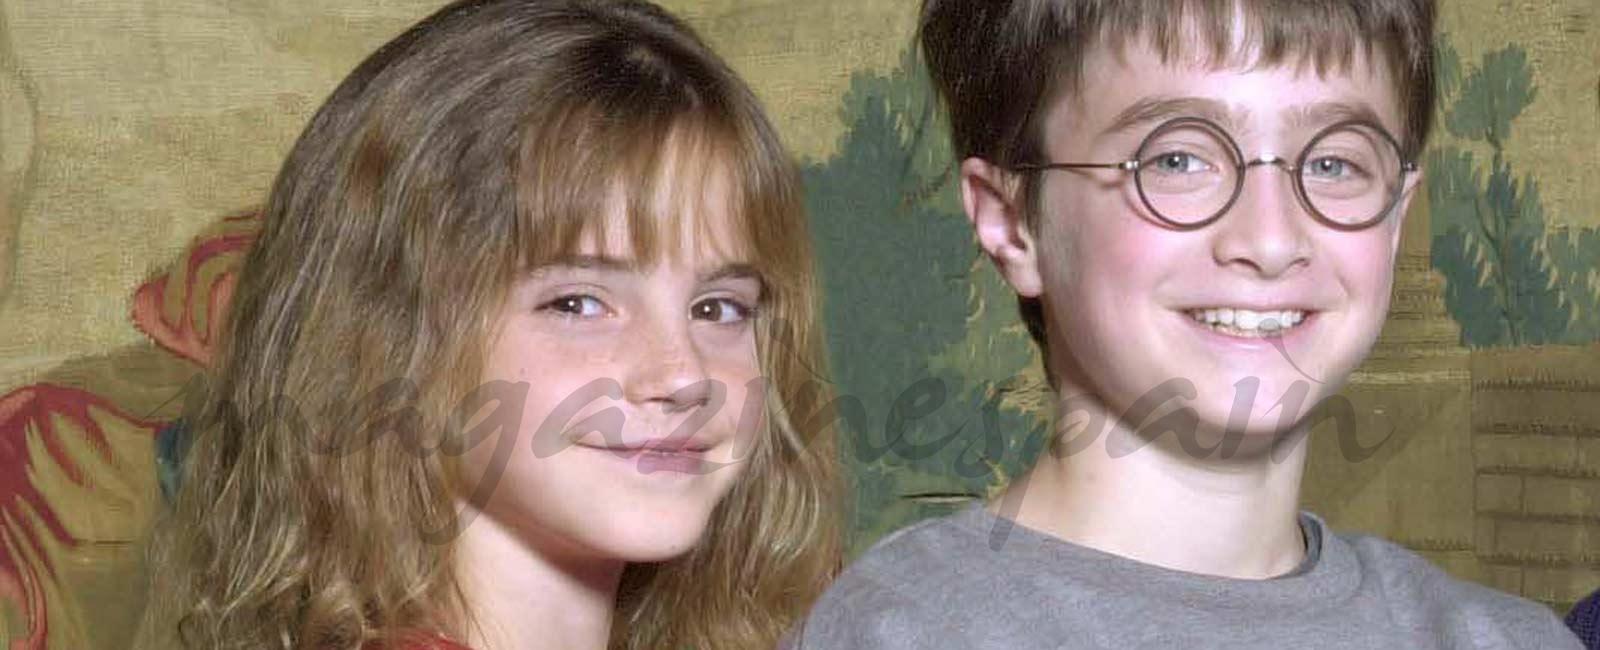 La transformación de Emma Watson y Daniel Radcliffe